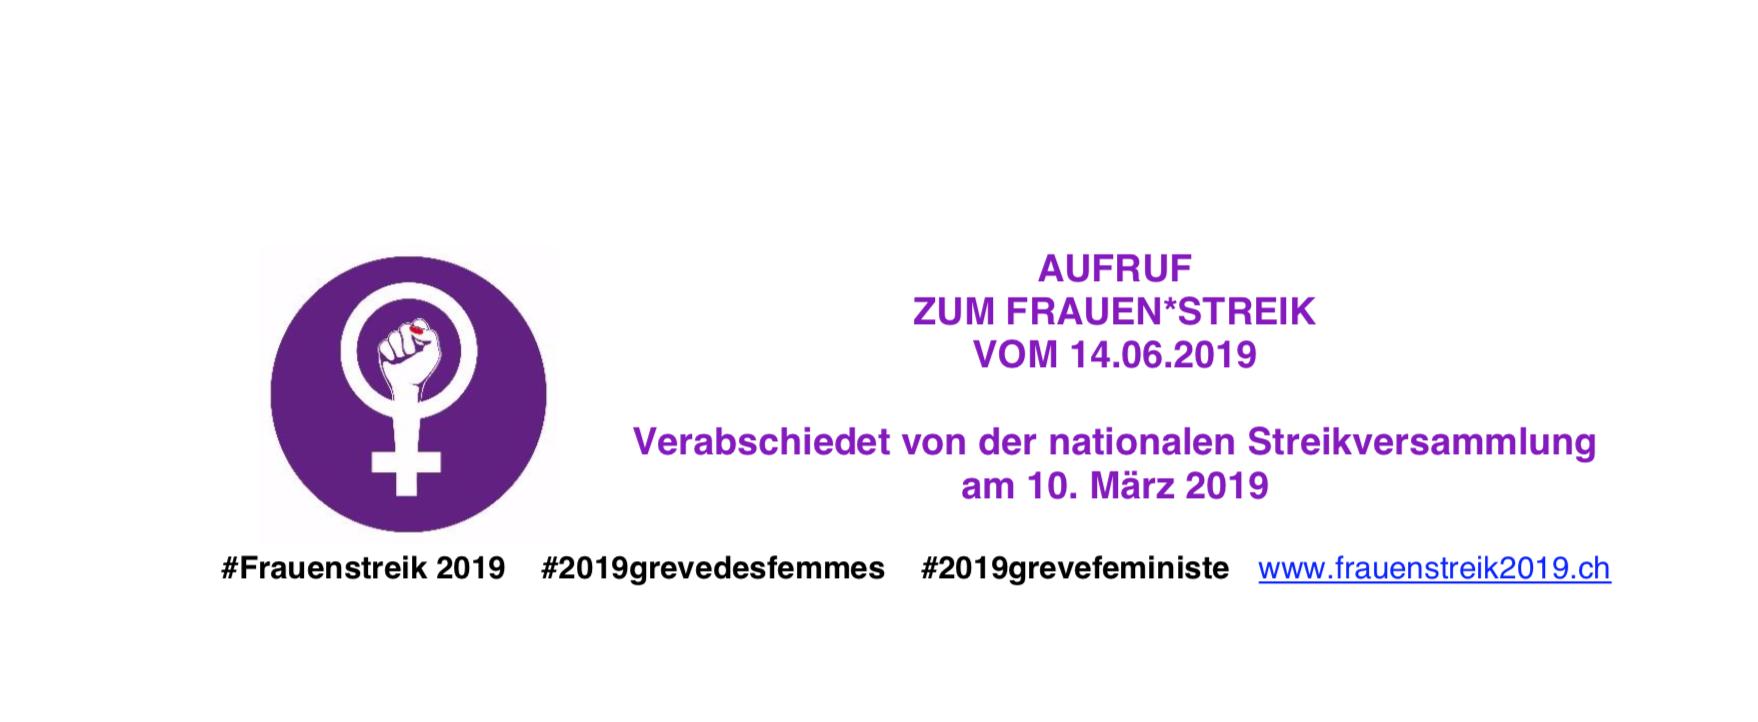 Aufruf zum Frauenstreik vom 14.06.2019